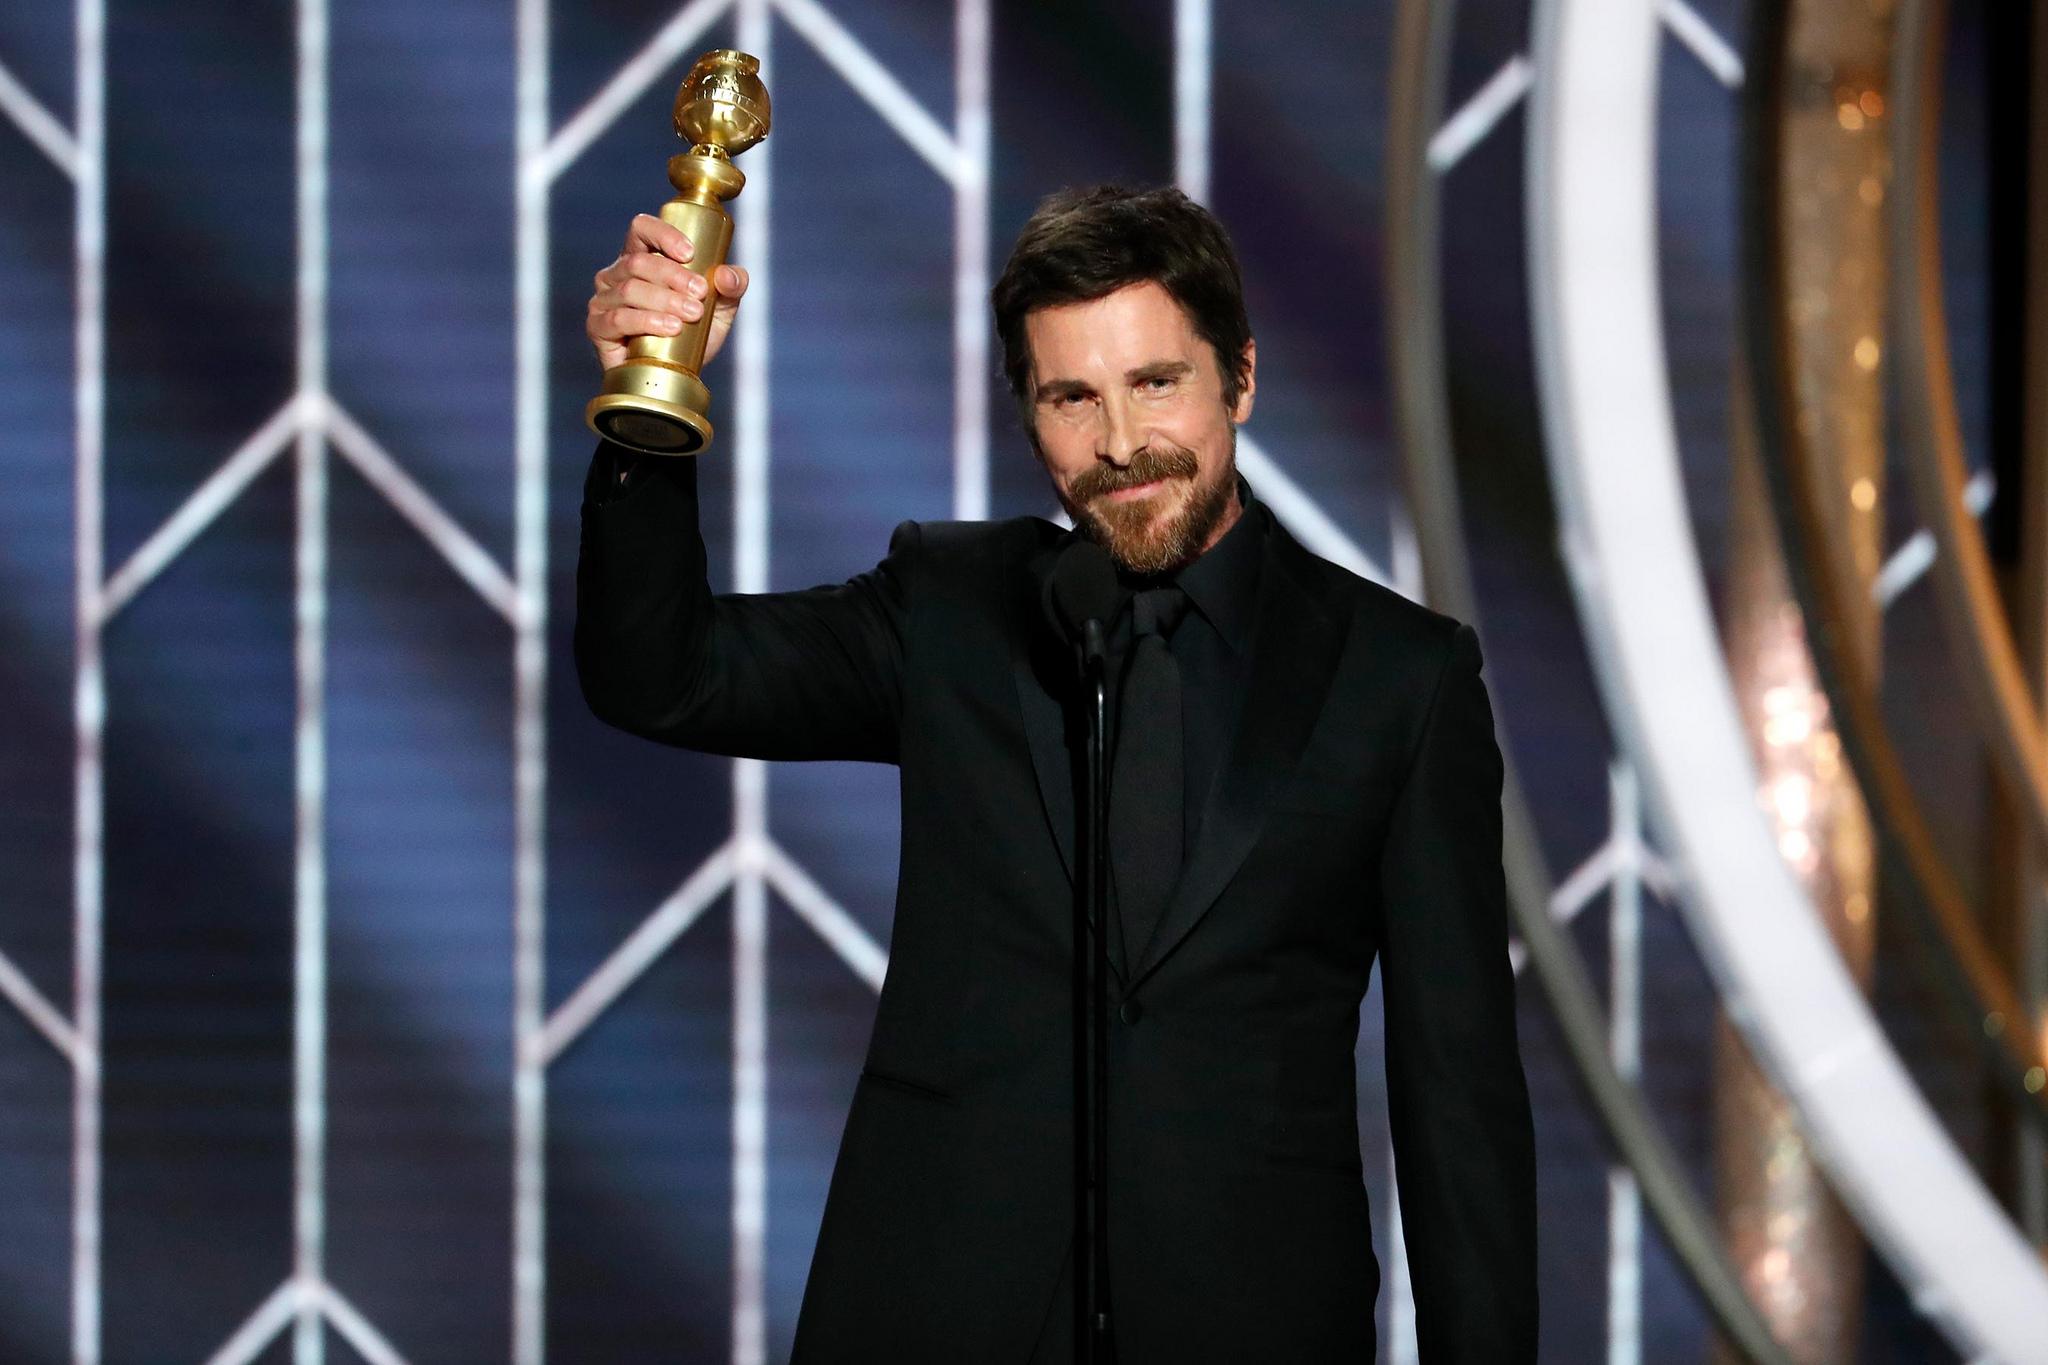 Кристиан Бэйл заявил, что больше не будет менять внешность ради роли в кино